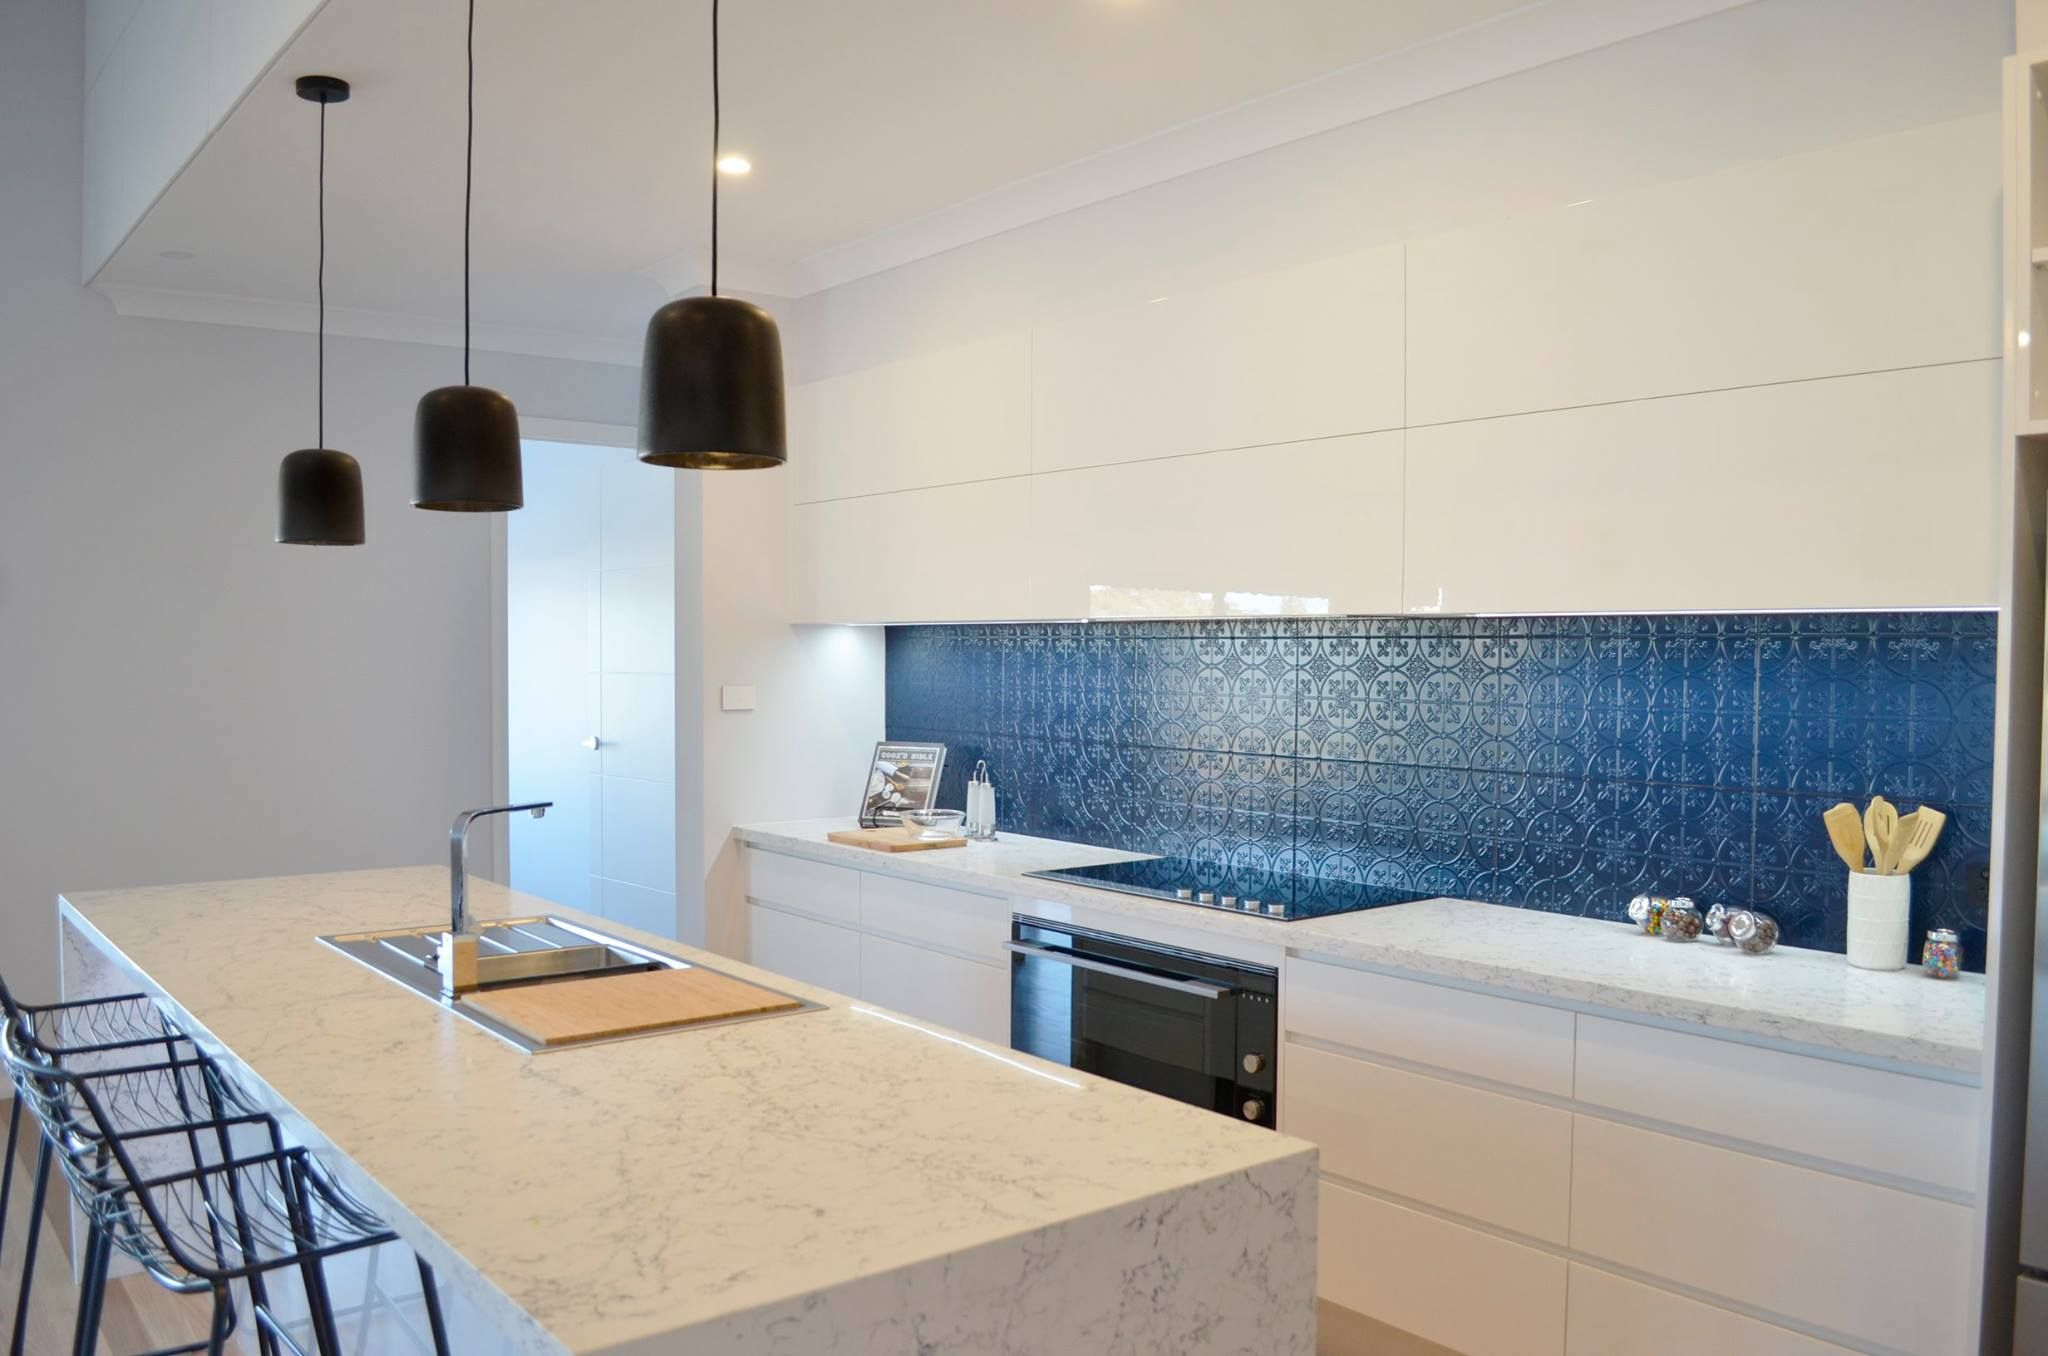 Hotondo Homes / New Image Kitchens | 1 | Pinterest | Kitchens ...